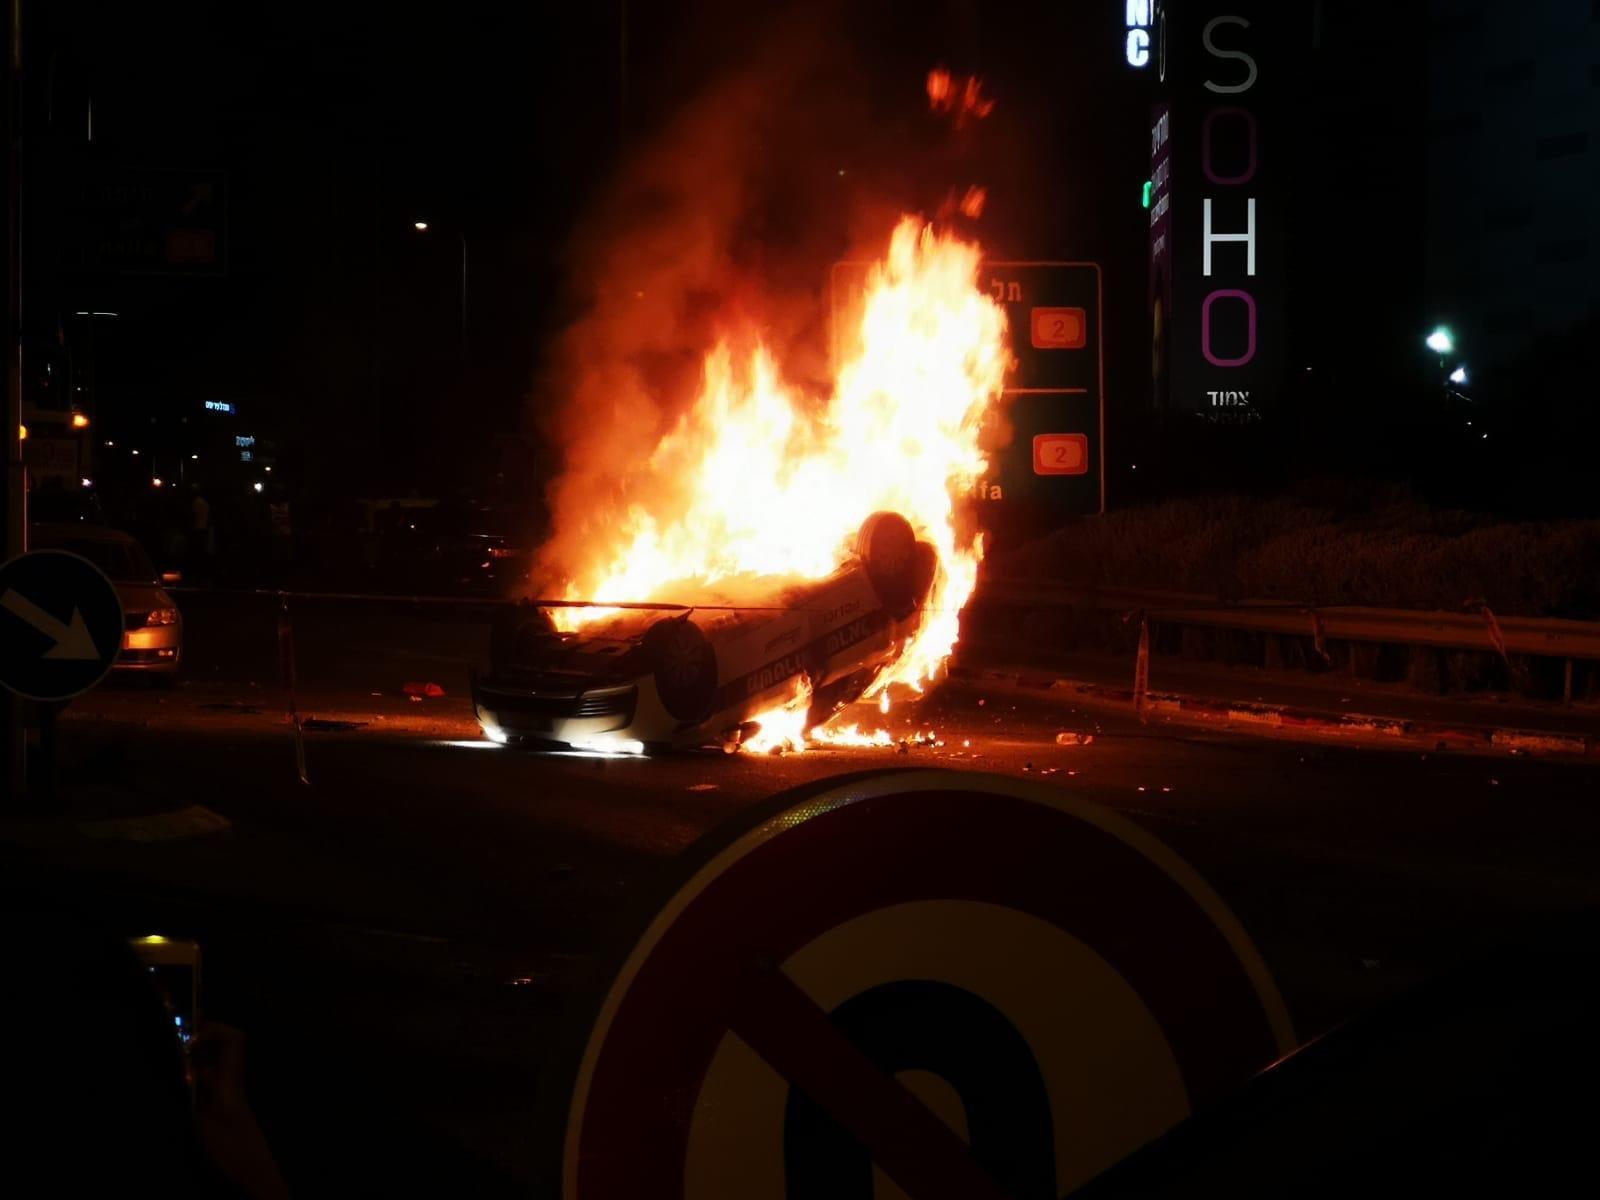 فوضى عارمة في مظاهرات ذوي الاصول الأثيوبية .. إصابات عناصر شرطة وحرق دورياتهم